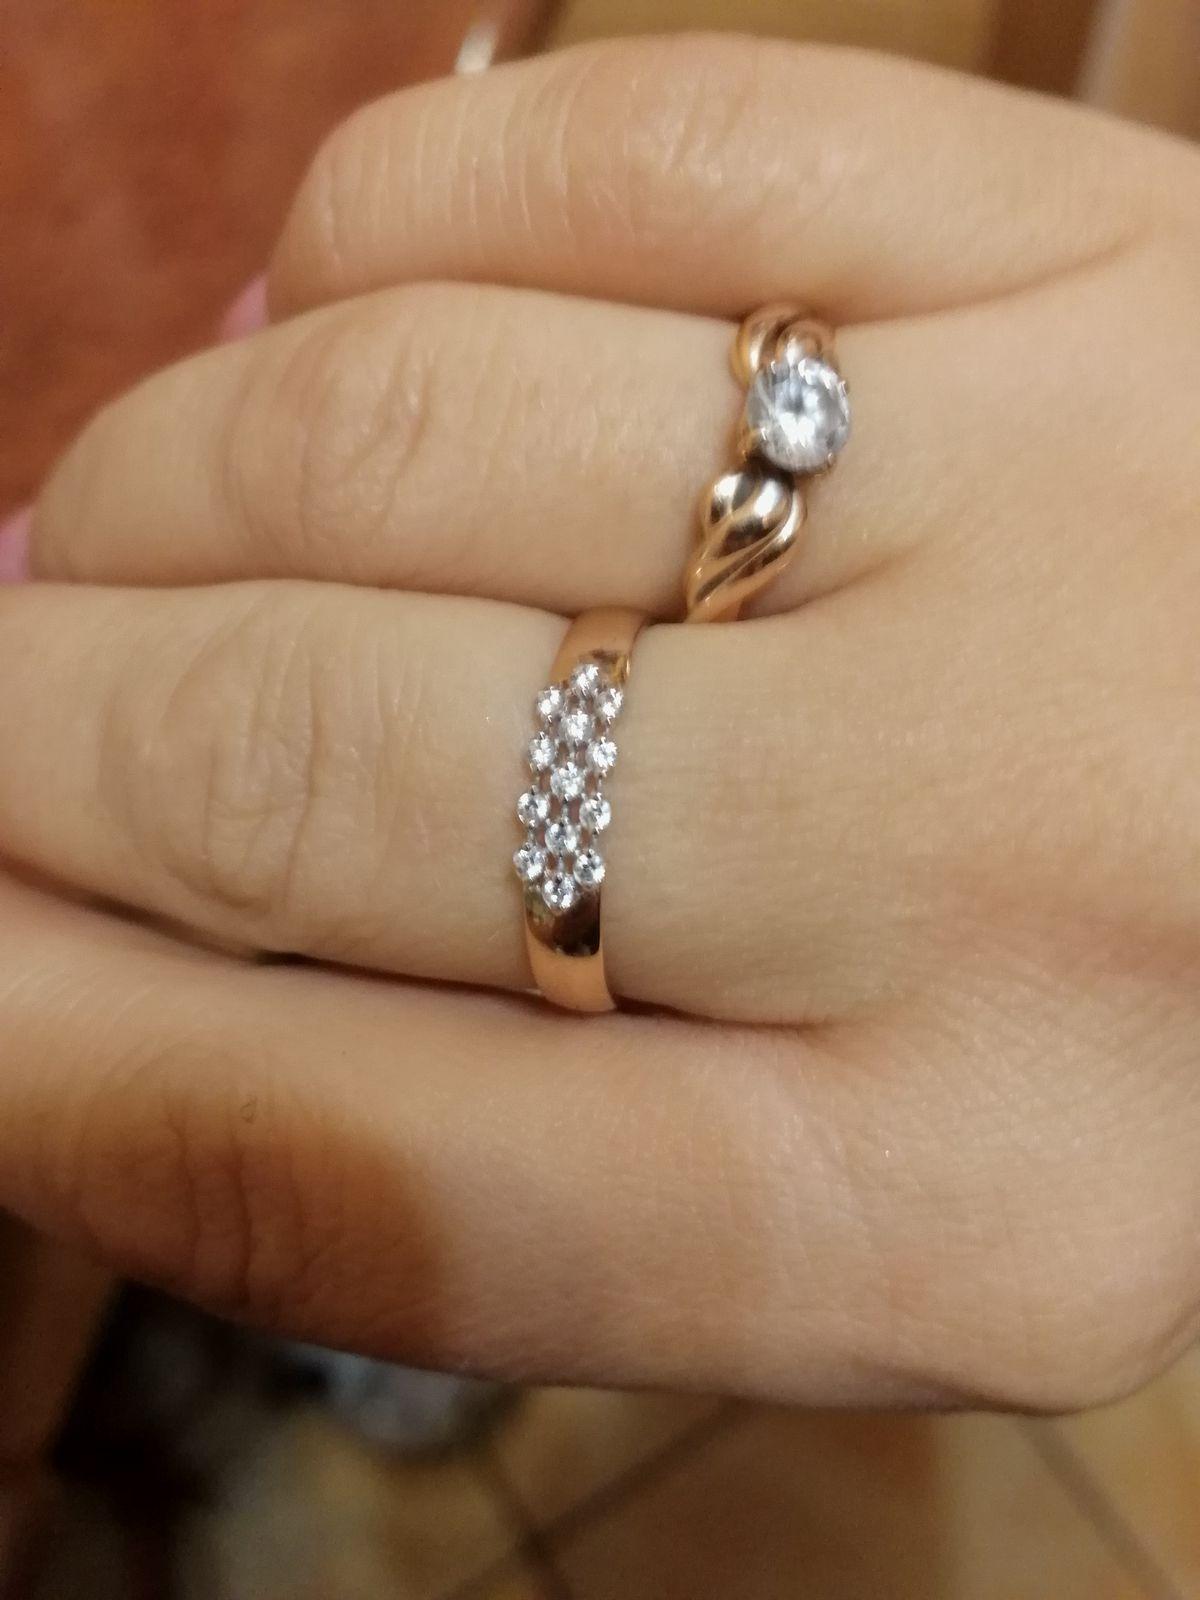 Кольцо на пальчик